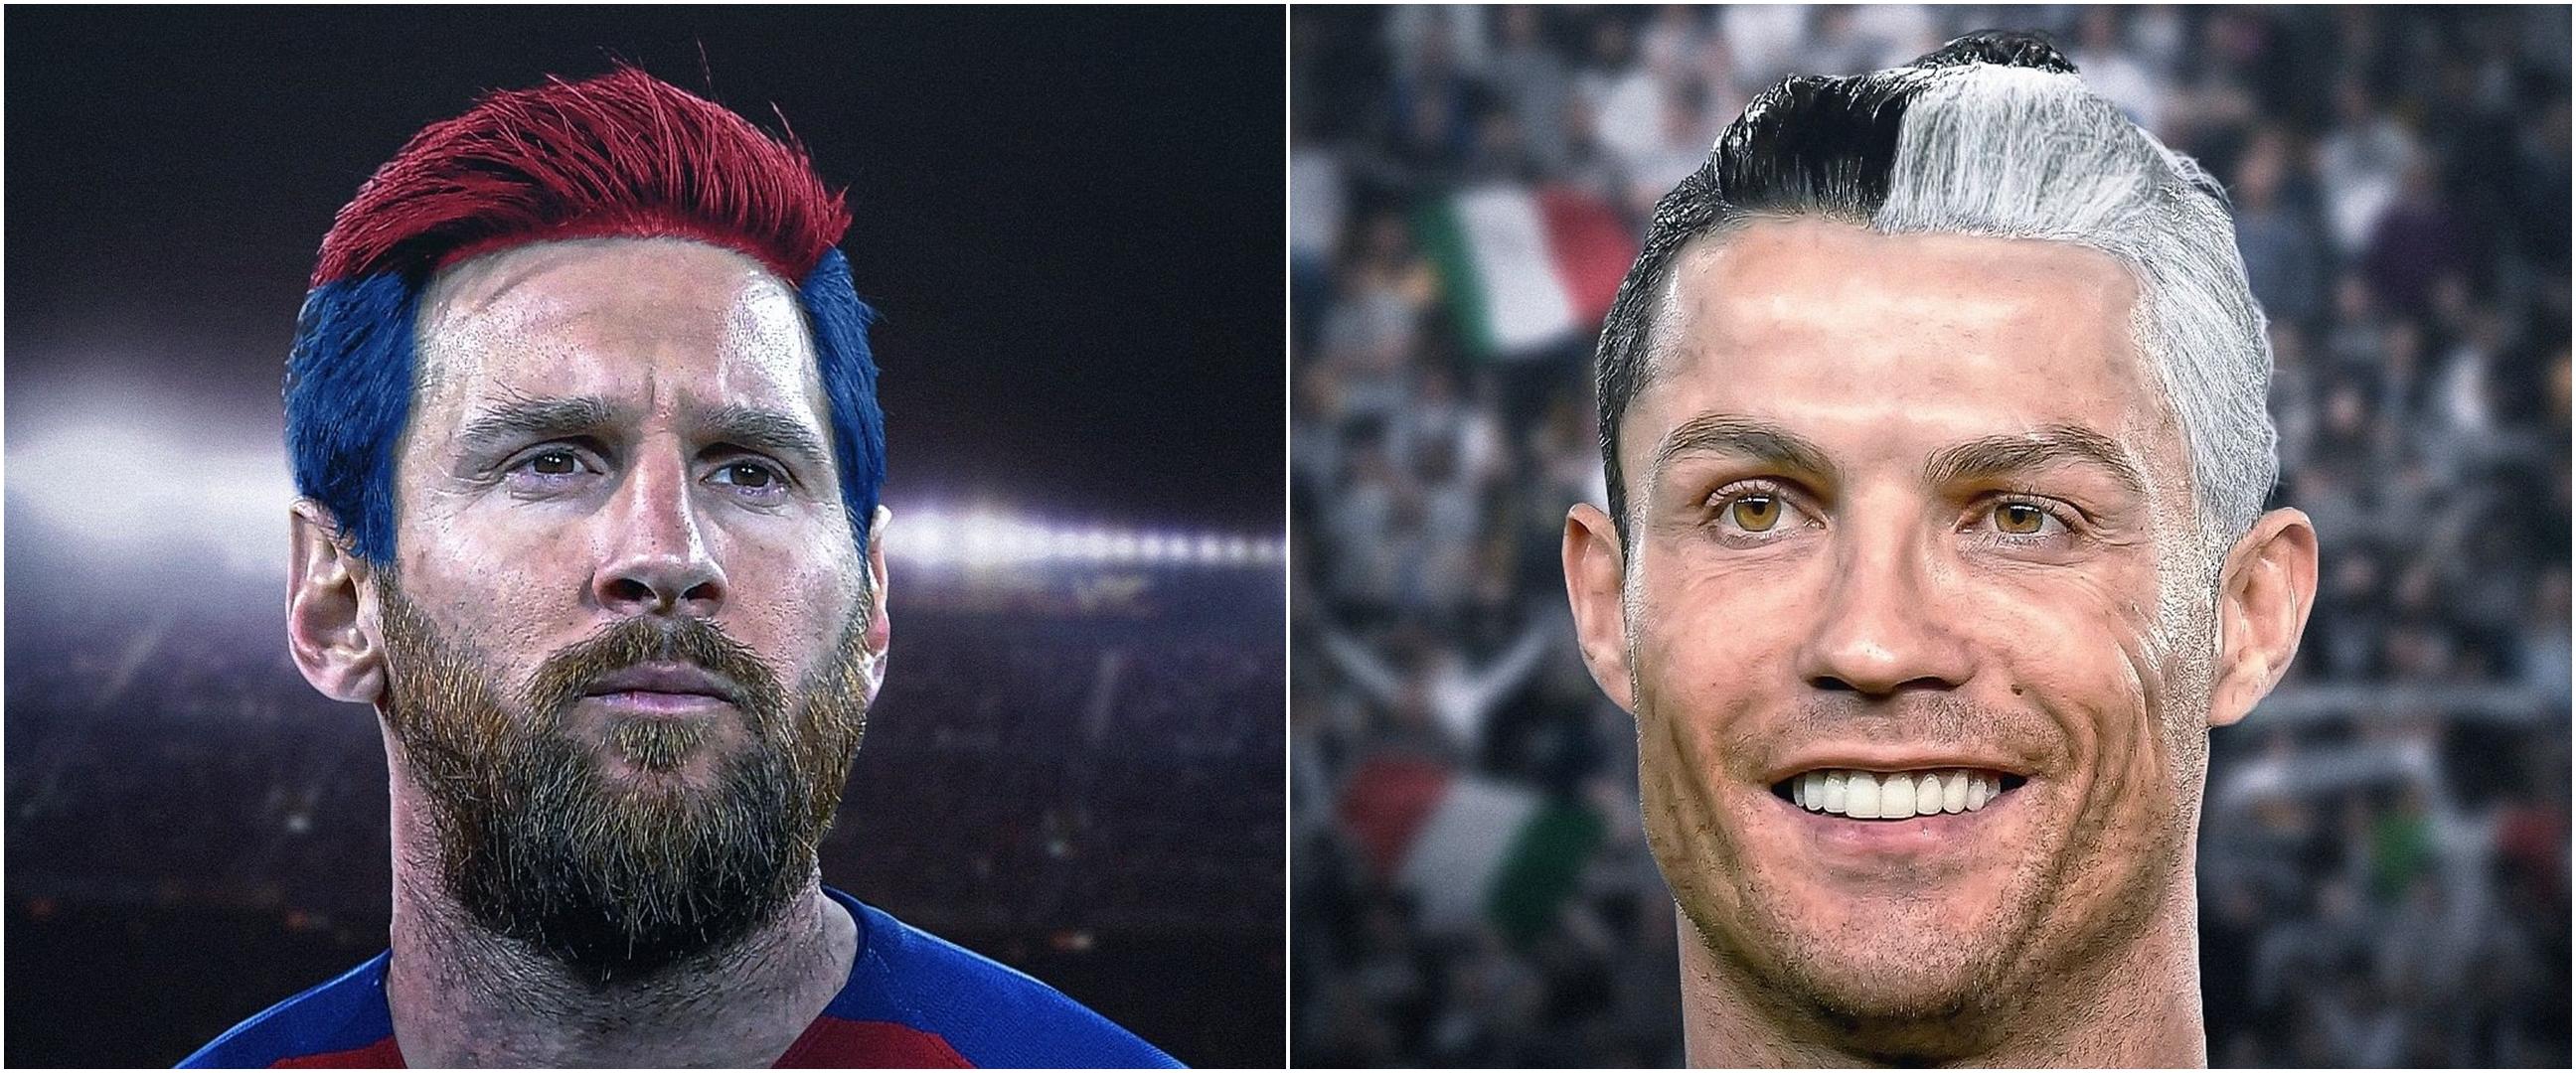 10 Potret editan rambut pemain bola sewarna jersey ini absurd